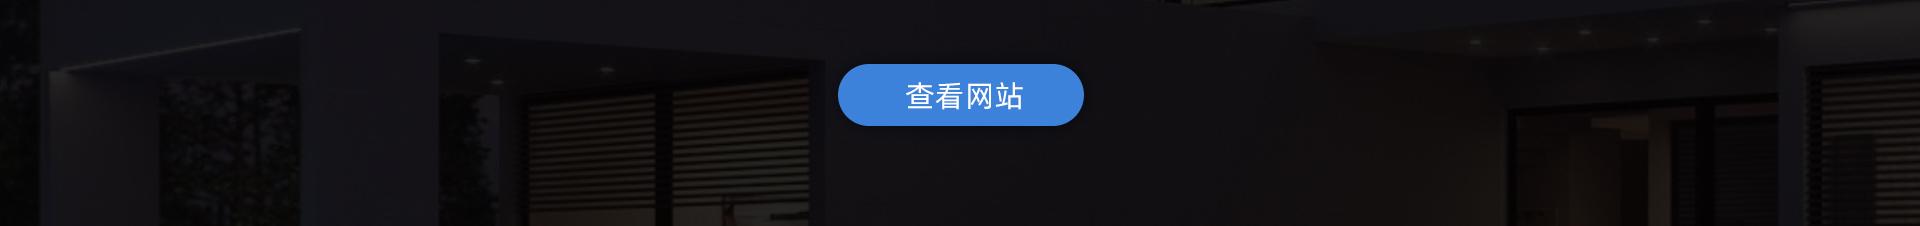 范帅于-范帅宇-阿礼山汽车配件_02